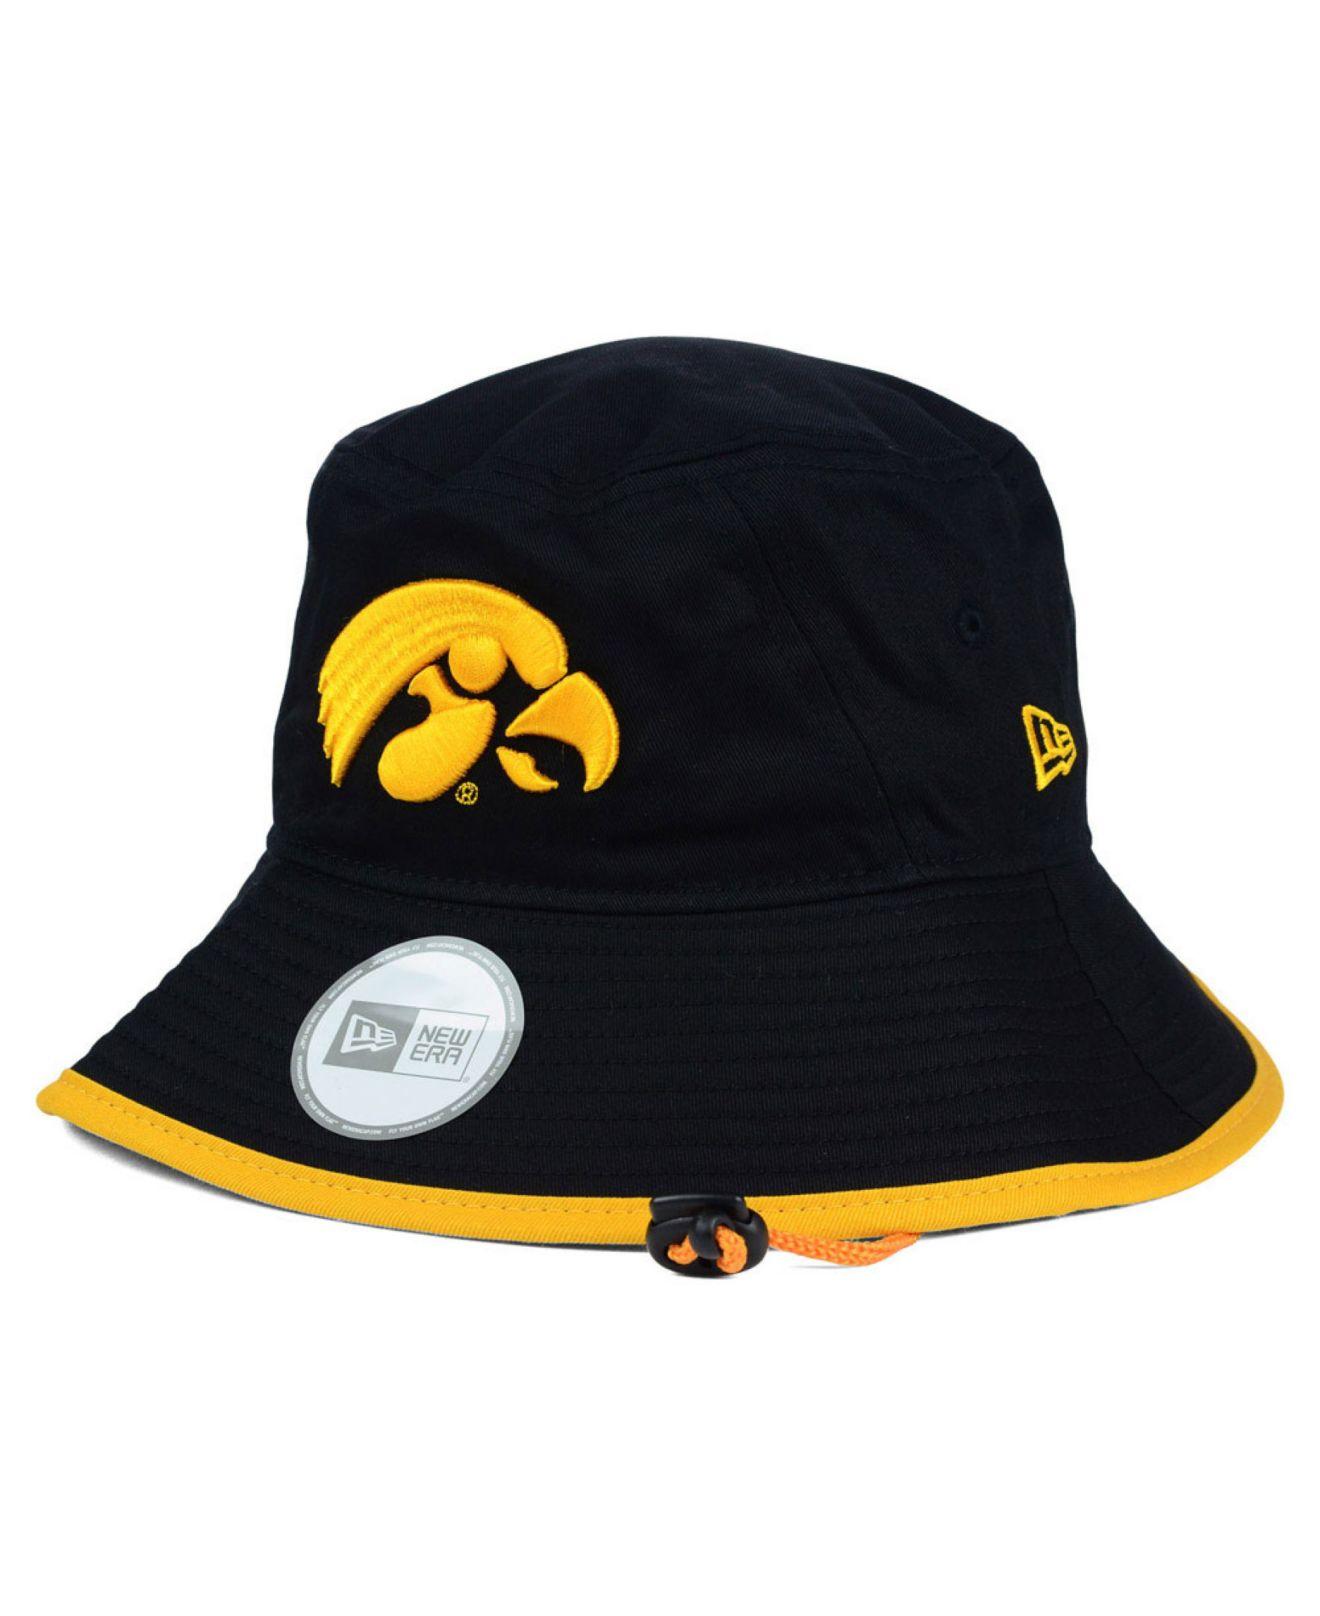 5498c1c27db8a best price iowa bucket hat 7115c 6488f